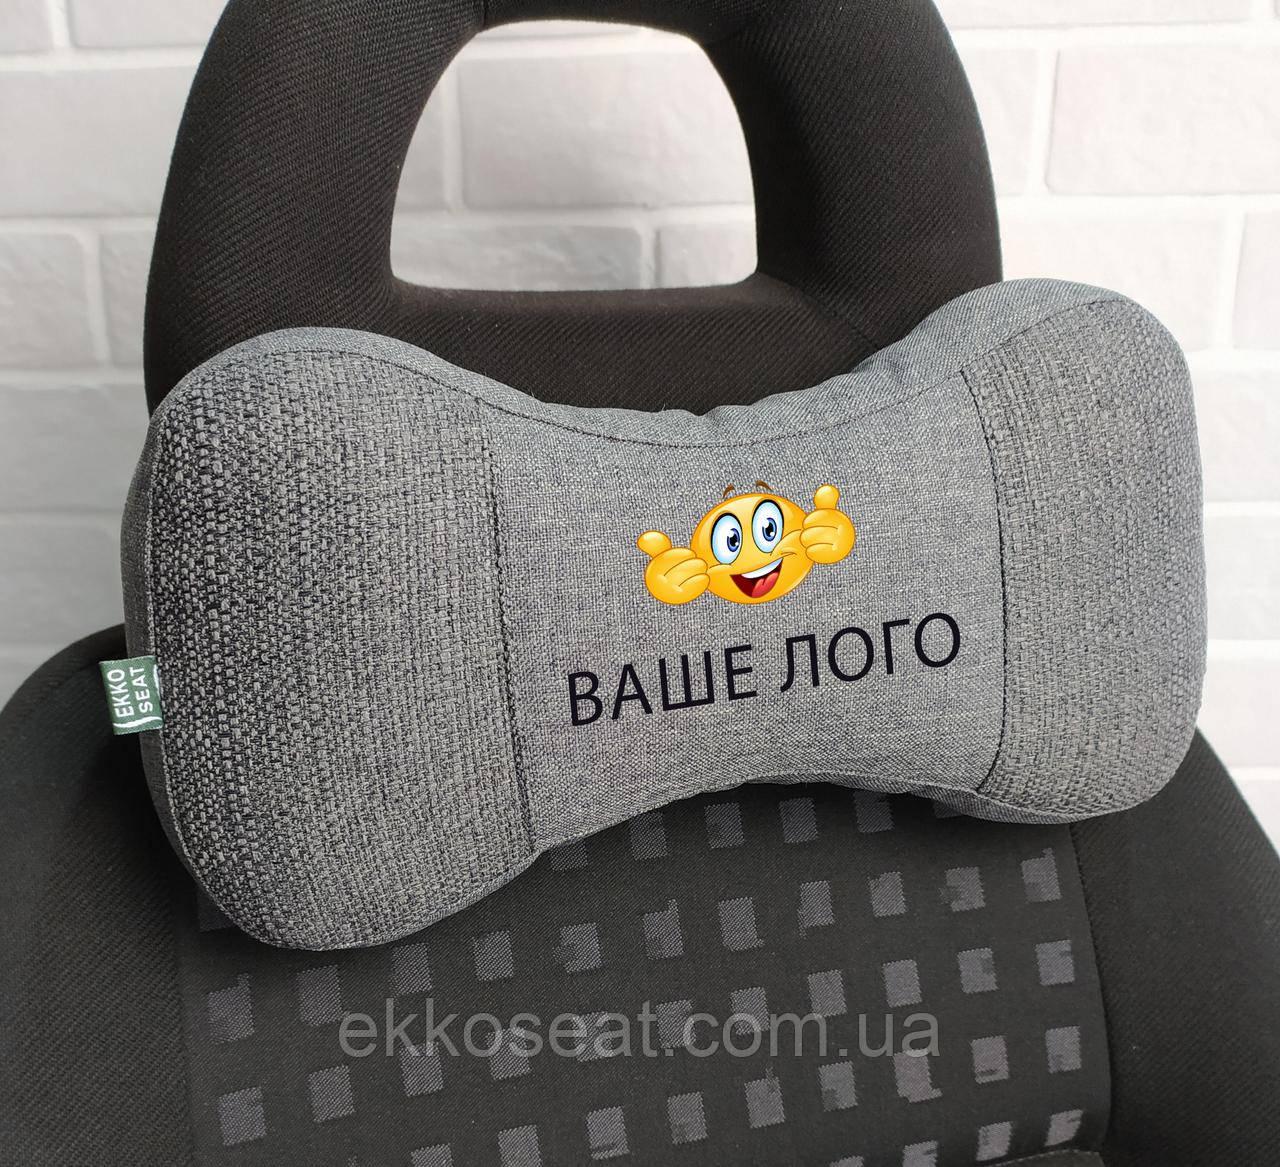 Нанесение логотипа на подушку для шеи на подголовник EKKOSEAT. В машину. Опт. Черная, серая, бежевая ...любая.